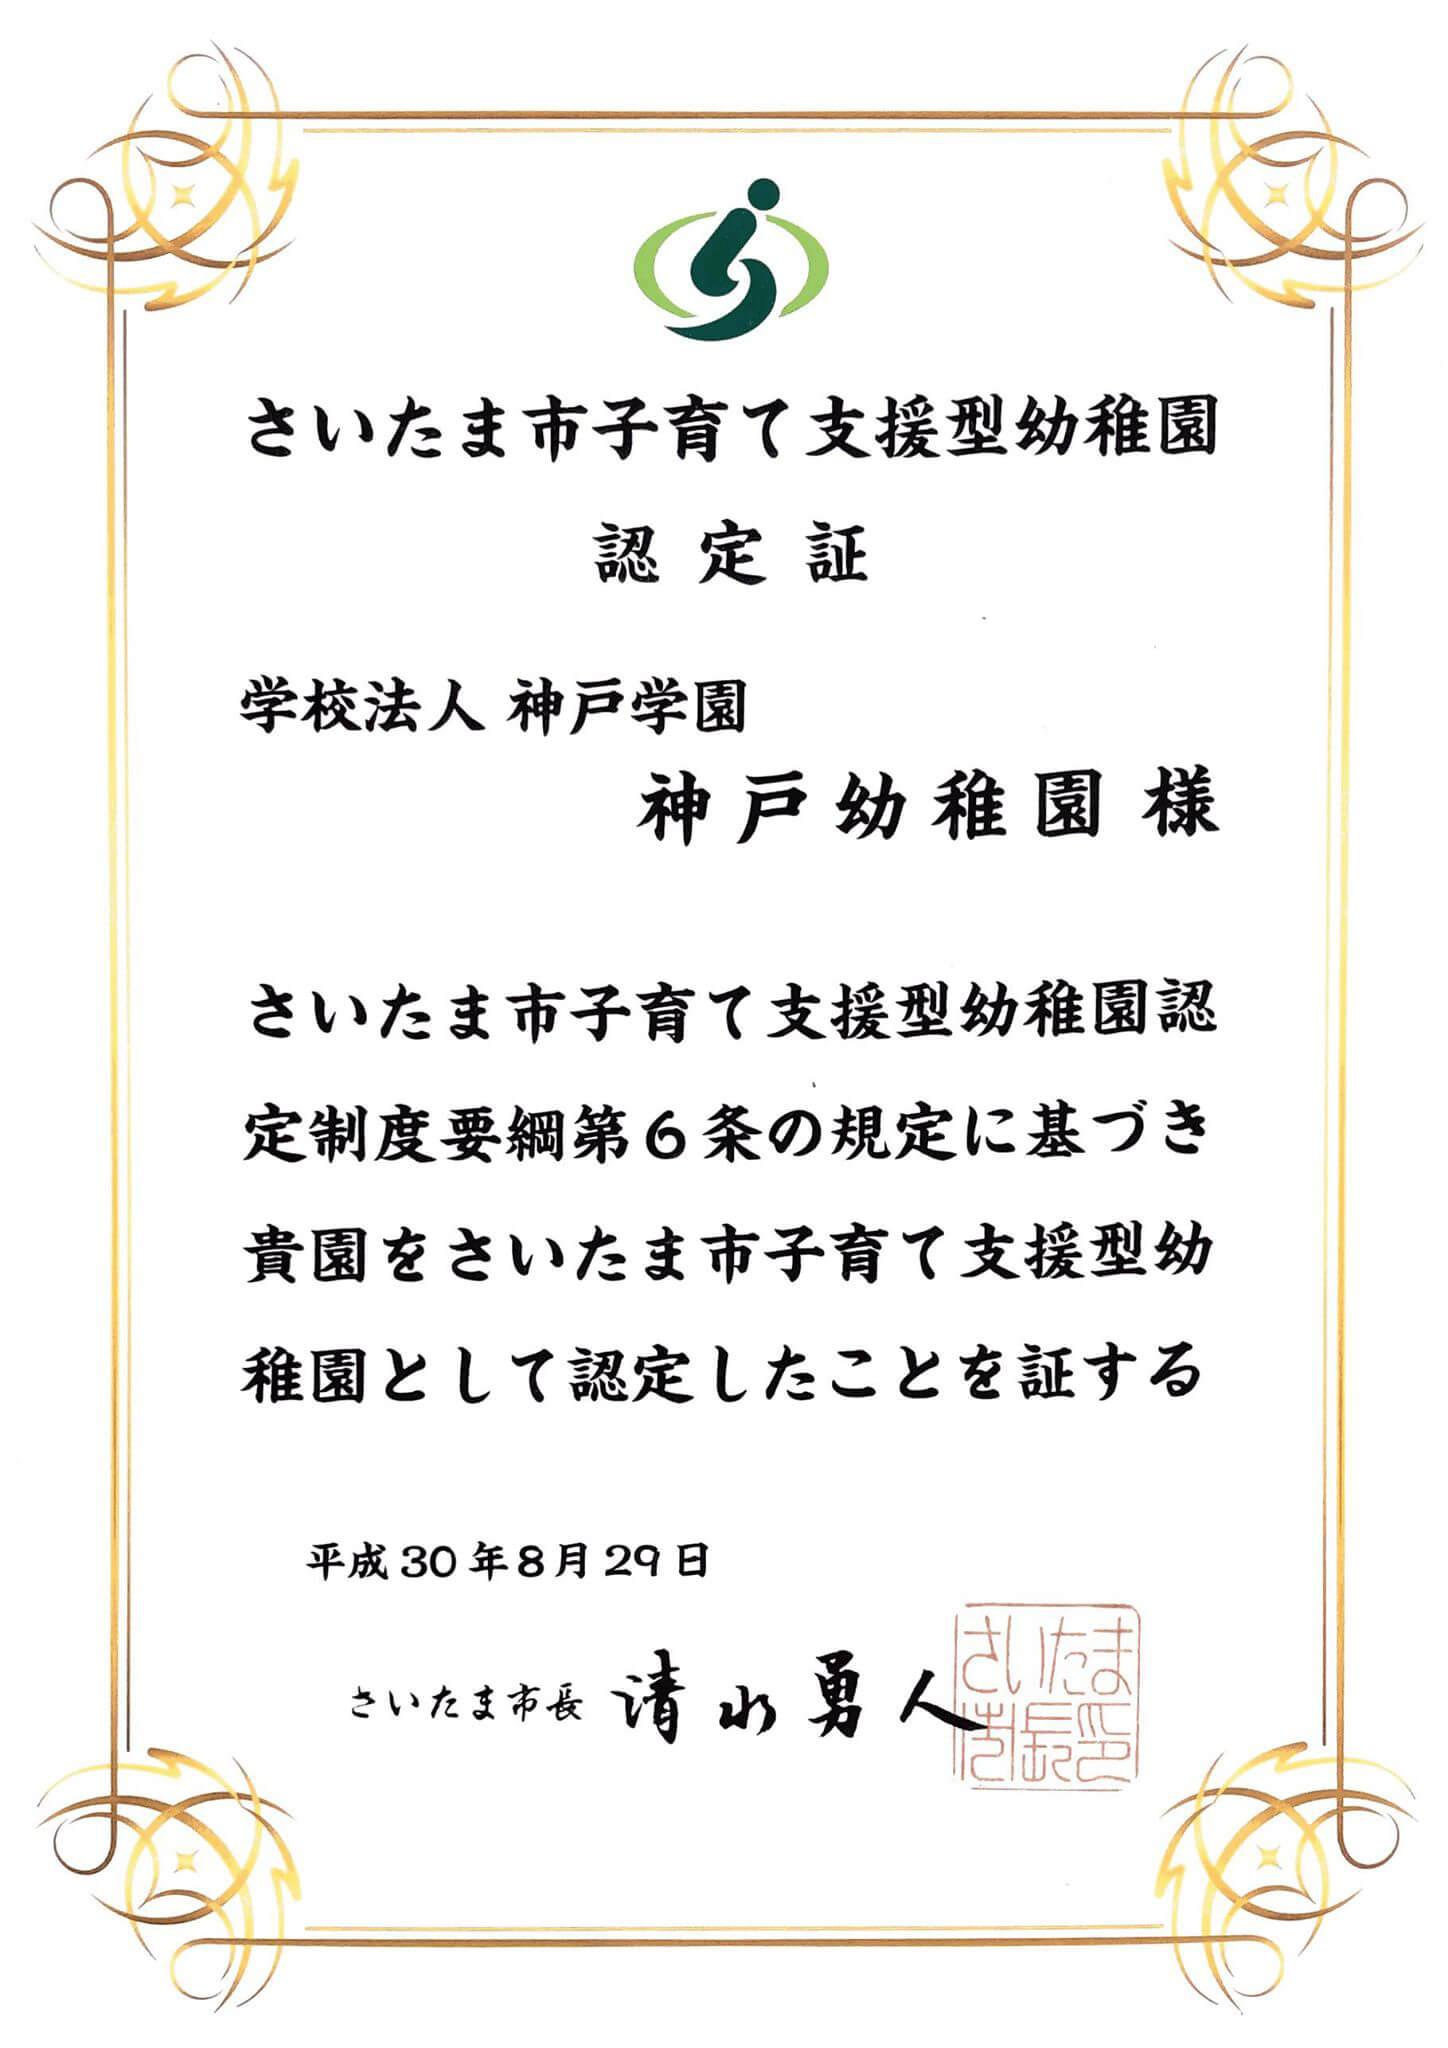 神戸幼稚園 さいたま市子育て支援型幼稚園